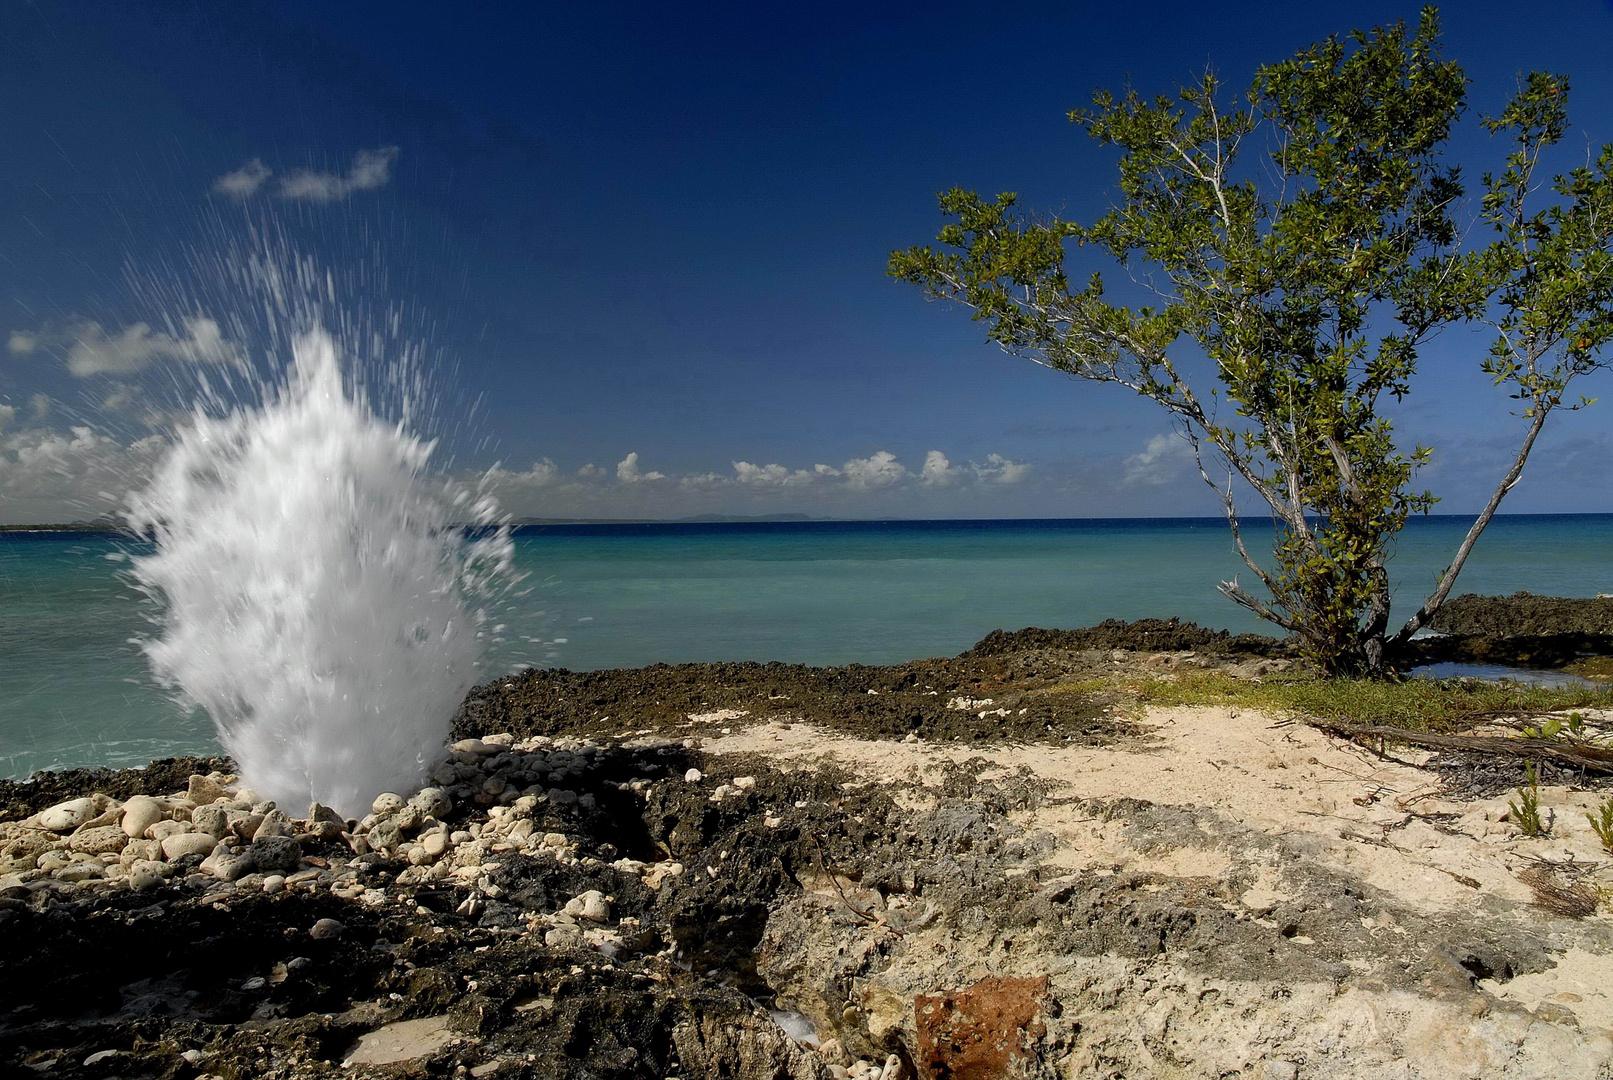 Wasserspiel Kuba